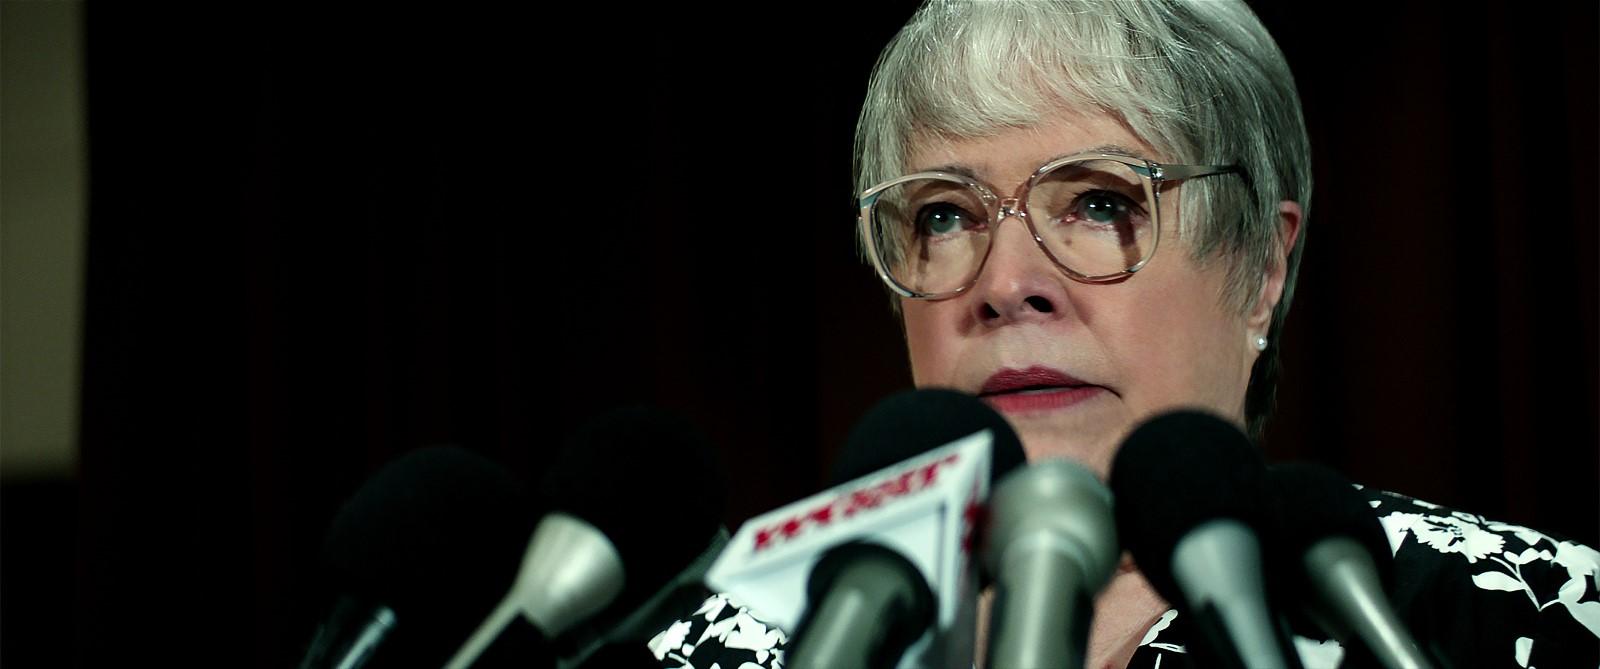 Le Cas Richard Jewell - Photo Kathy Bates 2020 film critique avis